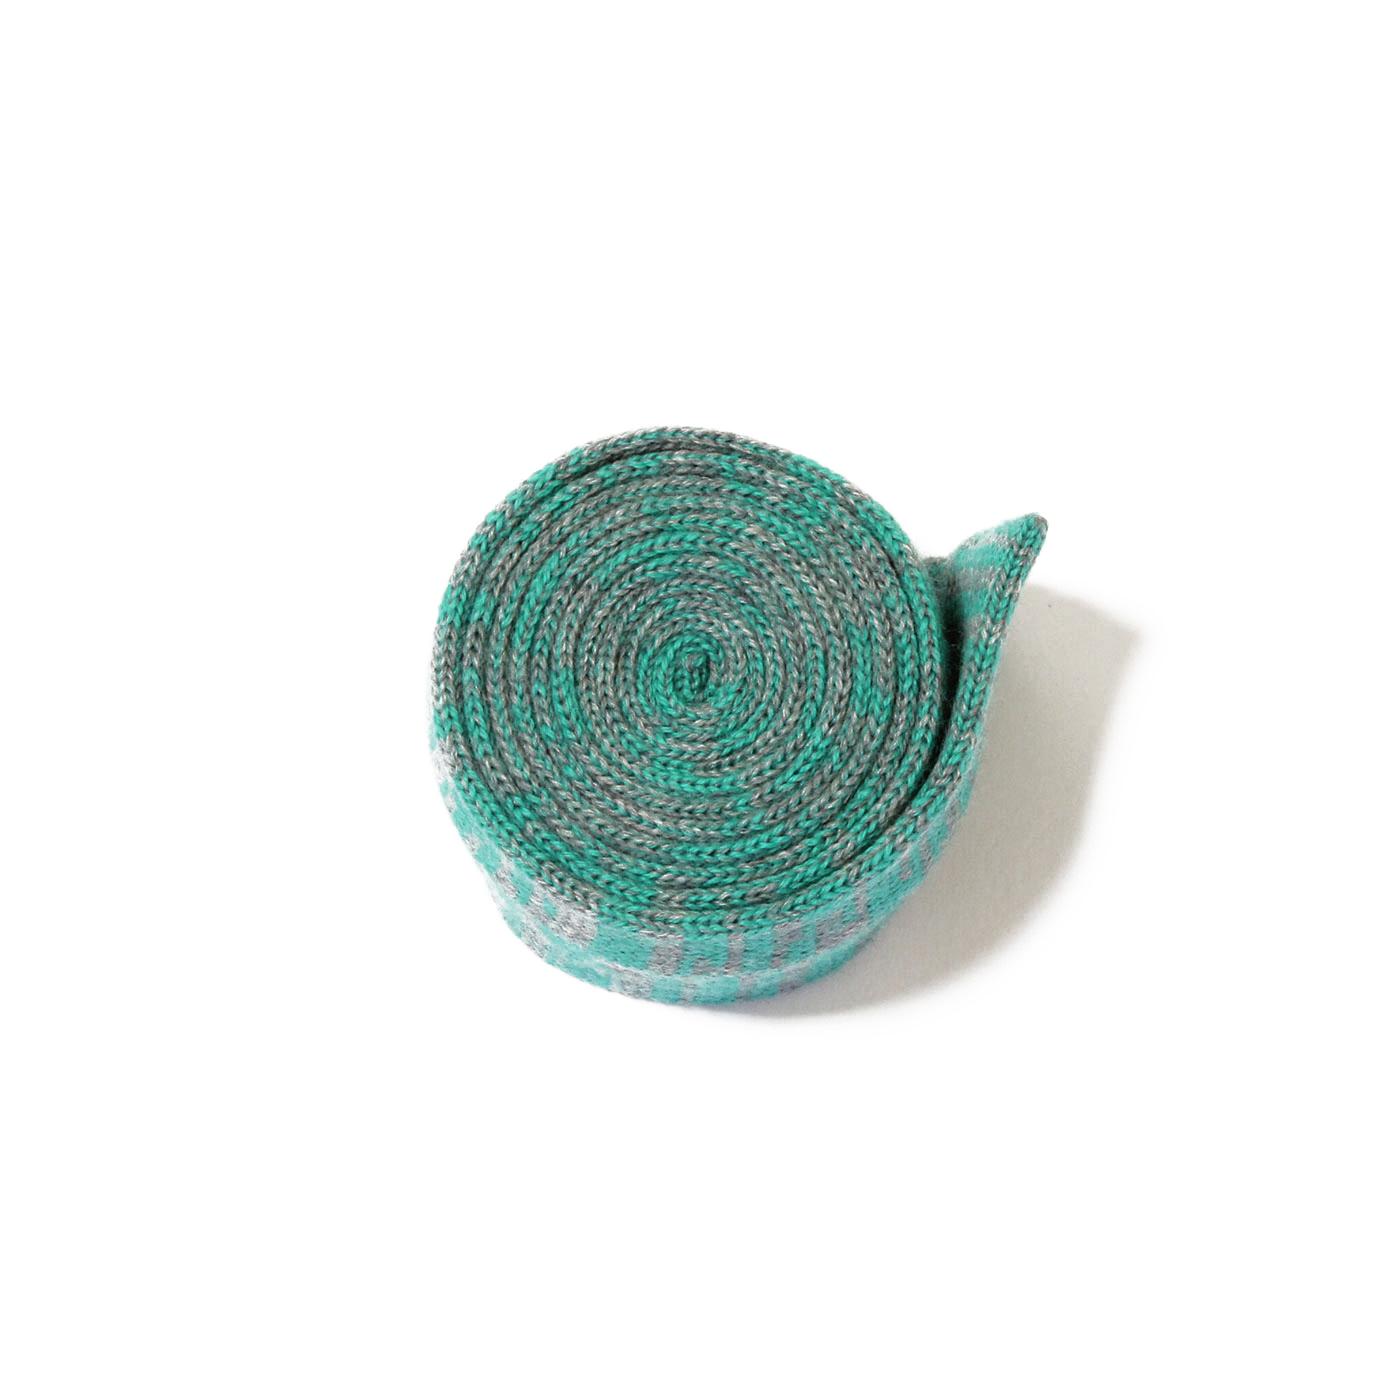 Knit tie green verona